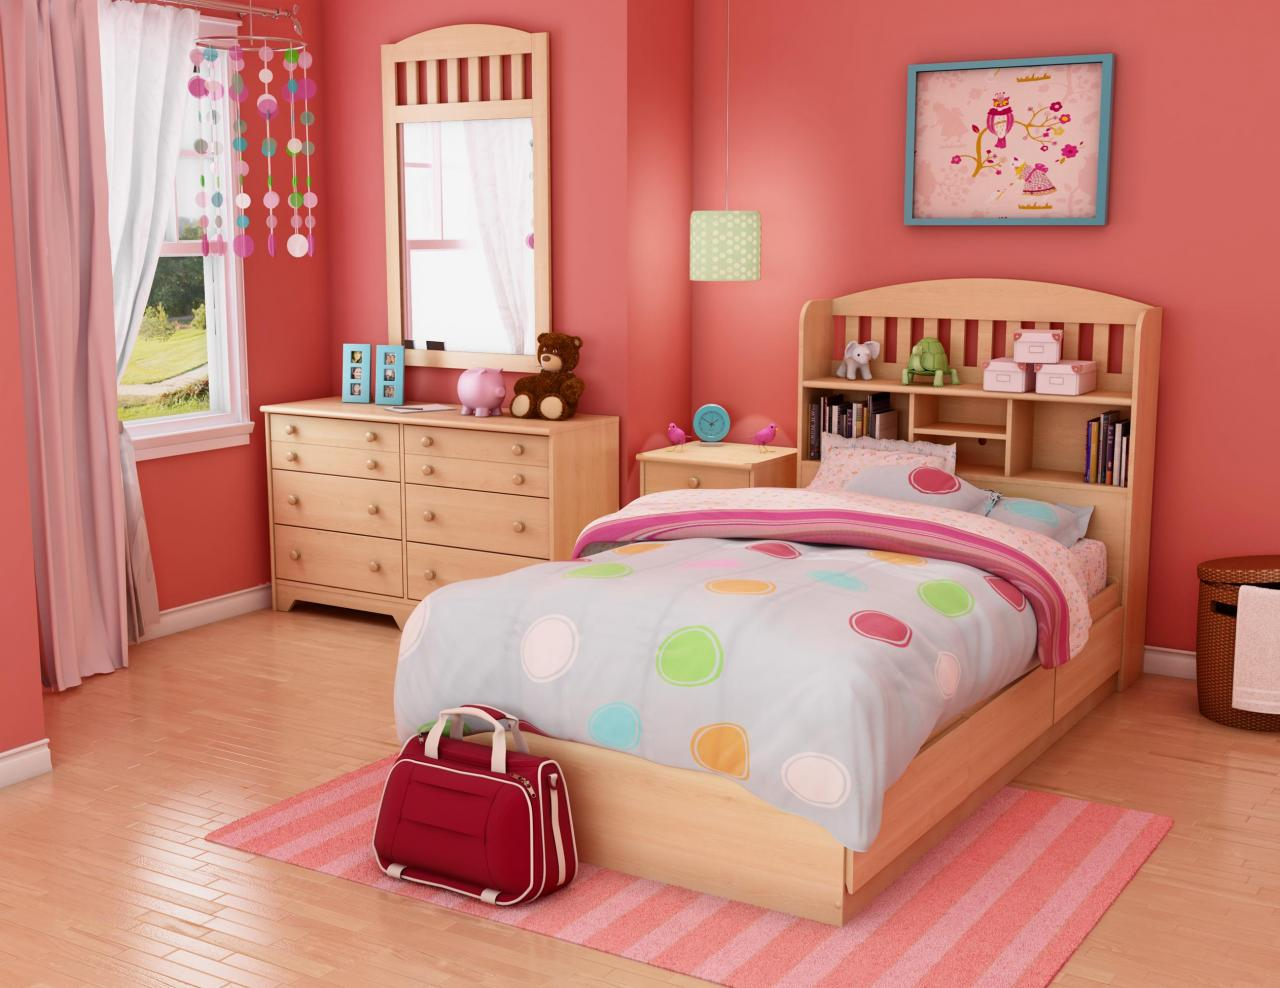 صورة غرف نوم اطفال جديده , غرف اطفال تجنن